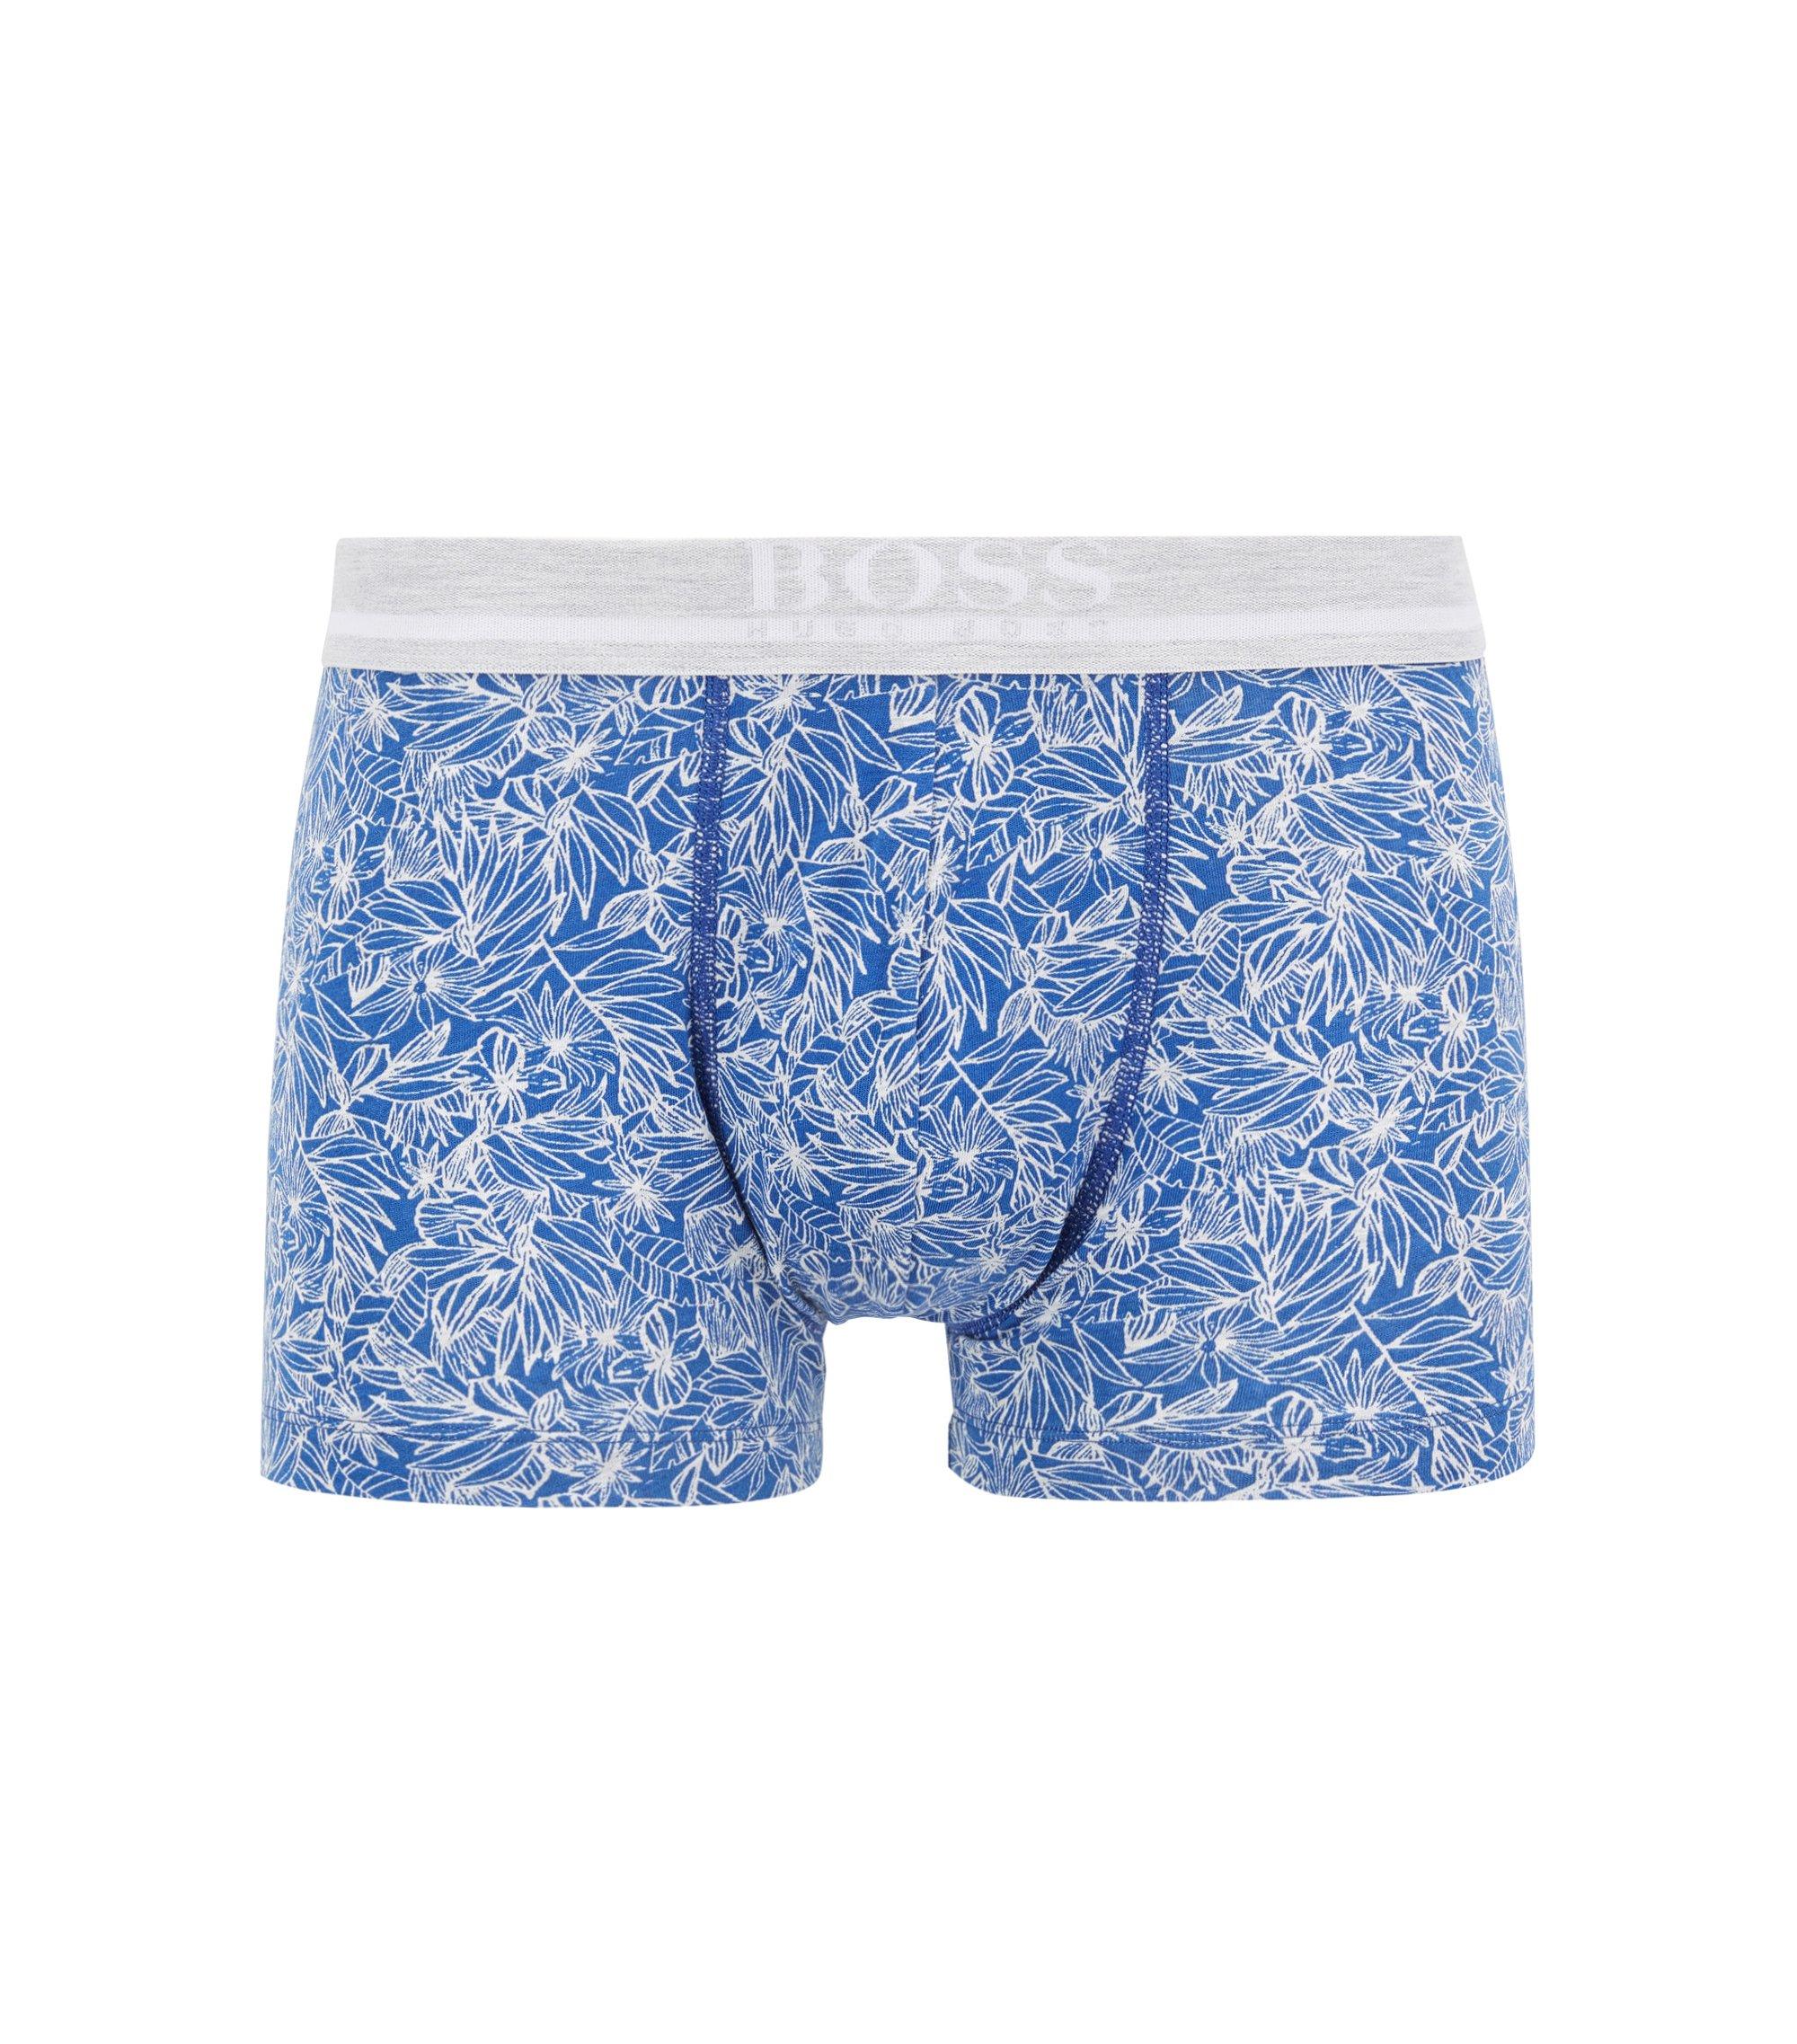 Boxershorts aus bedruckter Stretch-Baumwolle , Blau